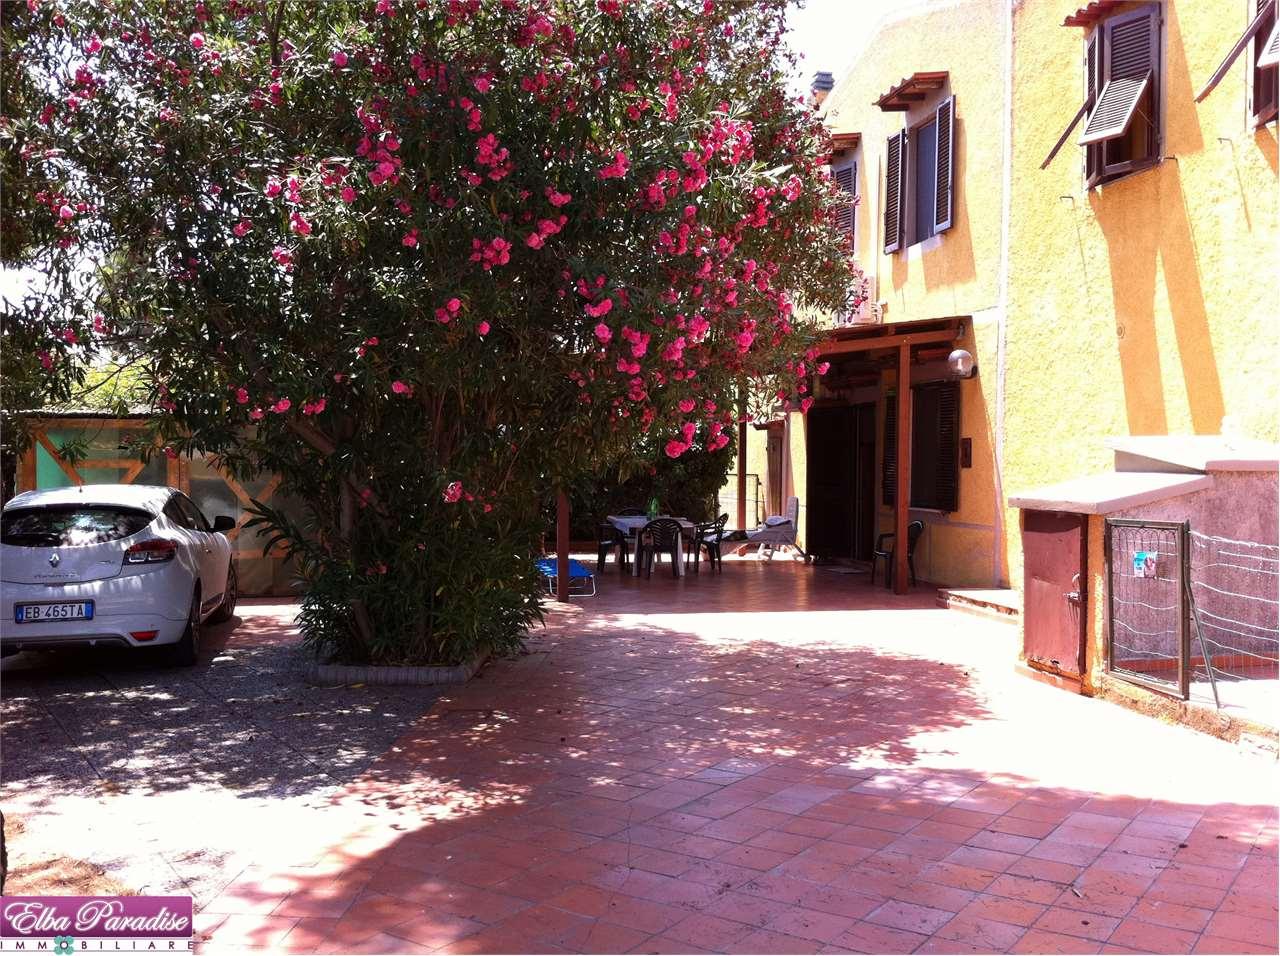 Appartamento in vendita a Porto Azzurro, 2 locali, zona Località: Zona Mare, prezzo € 250.000 | PortaleAgenzieImmobiliari.it